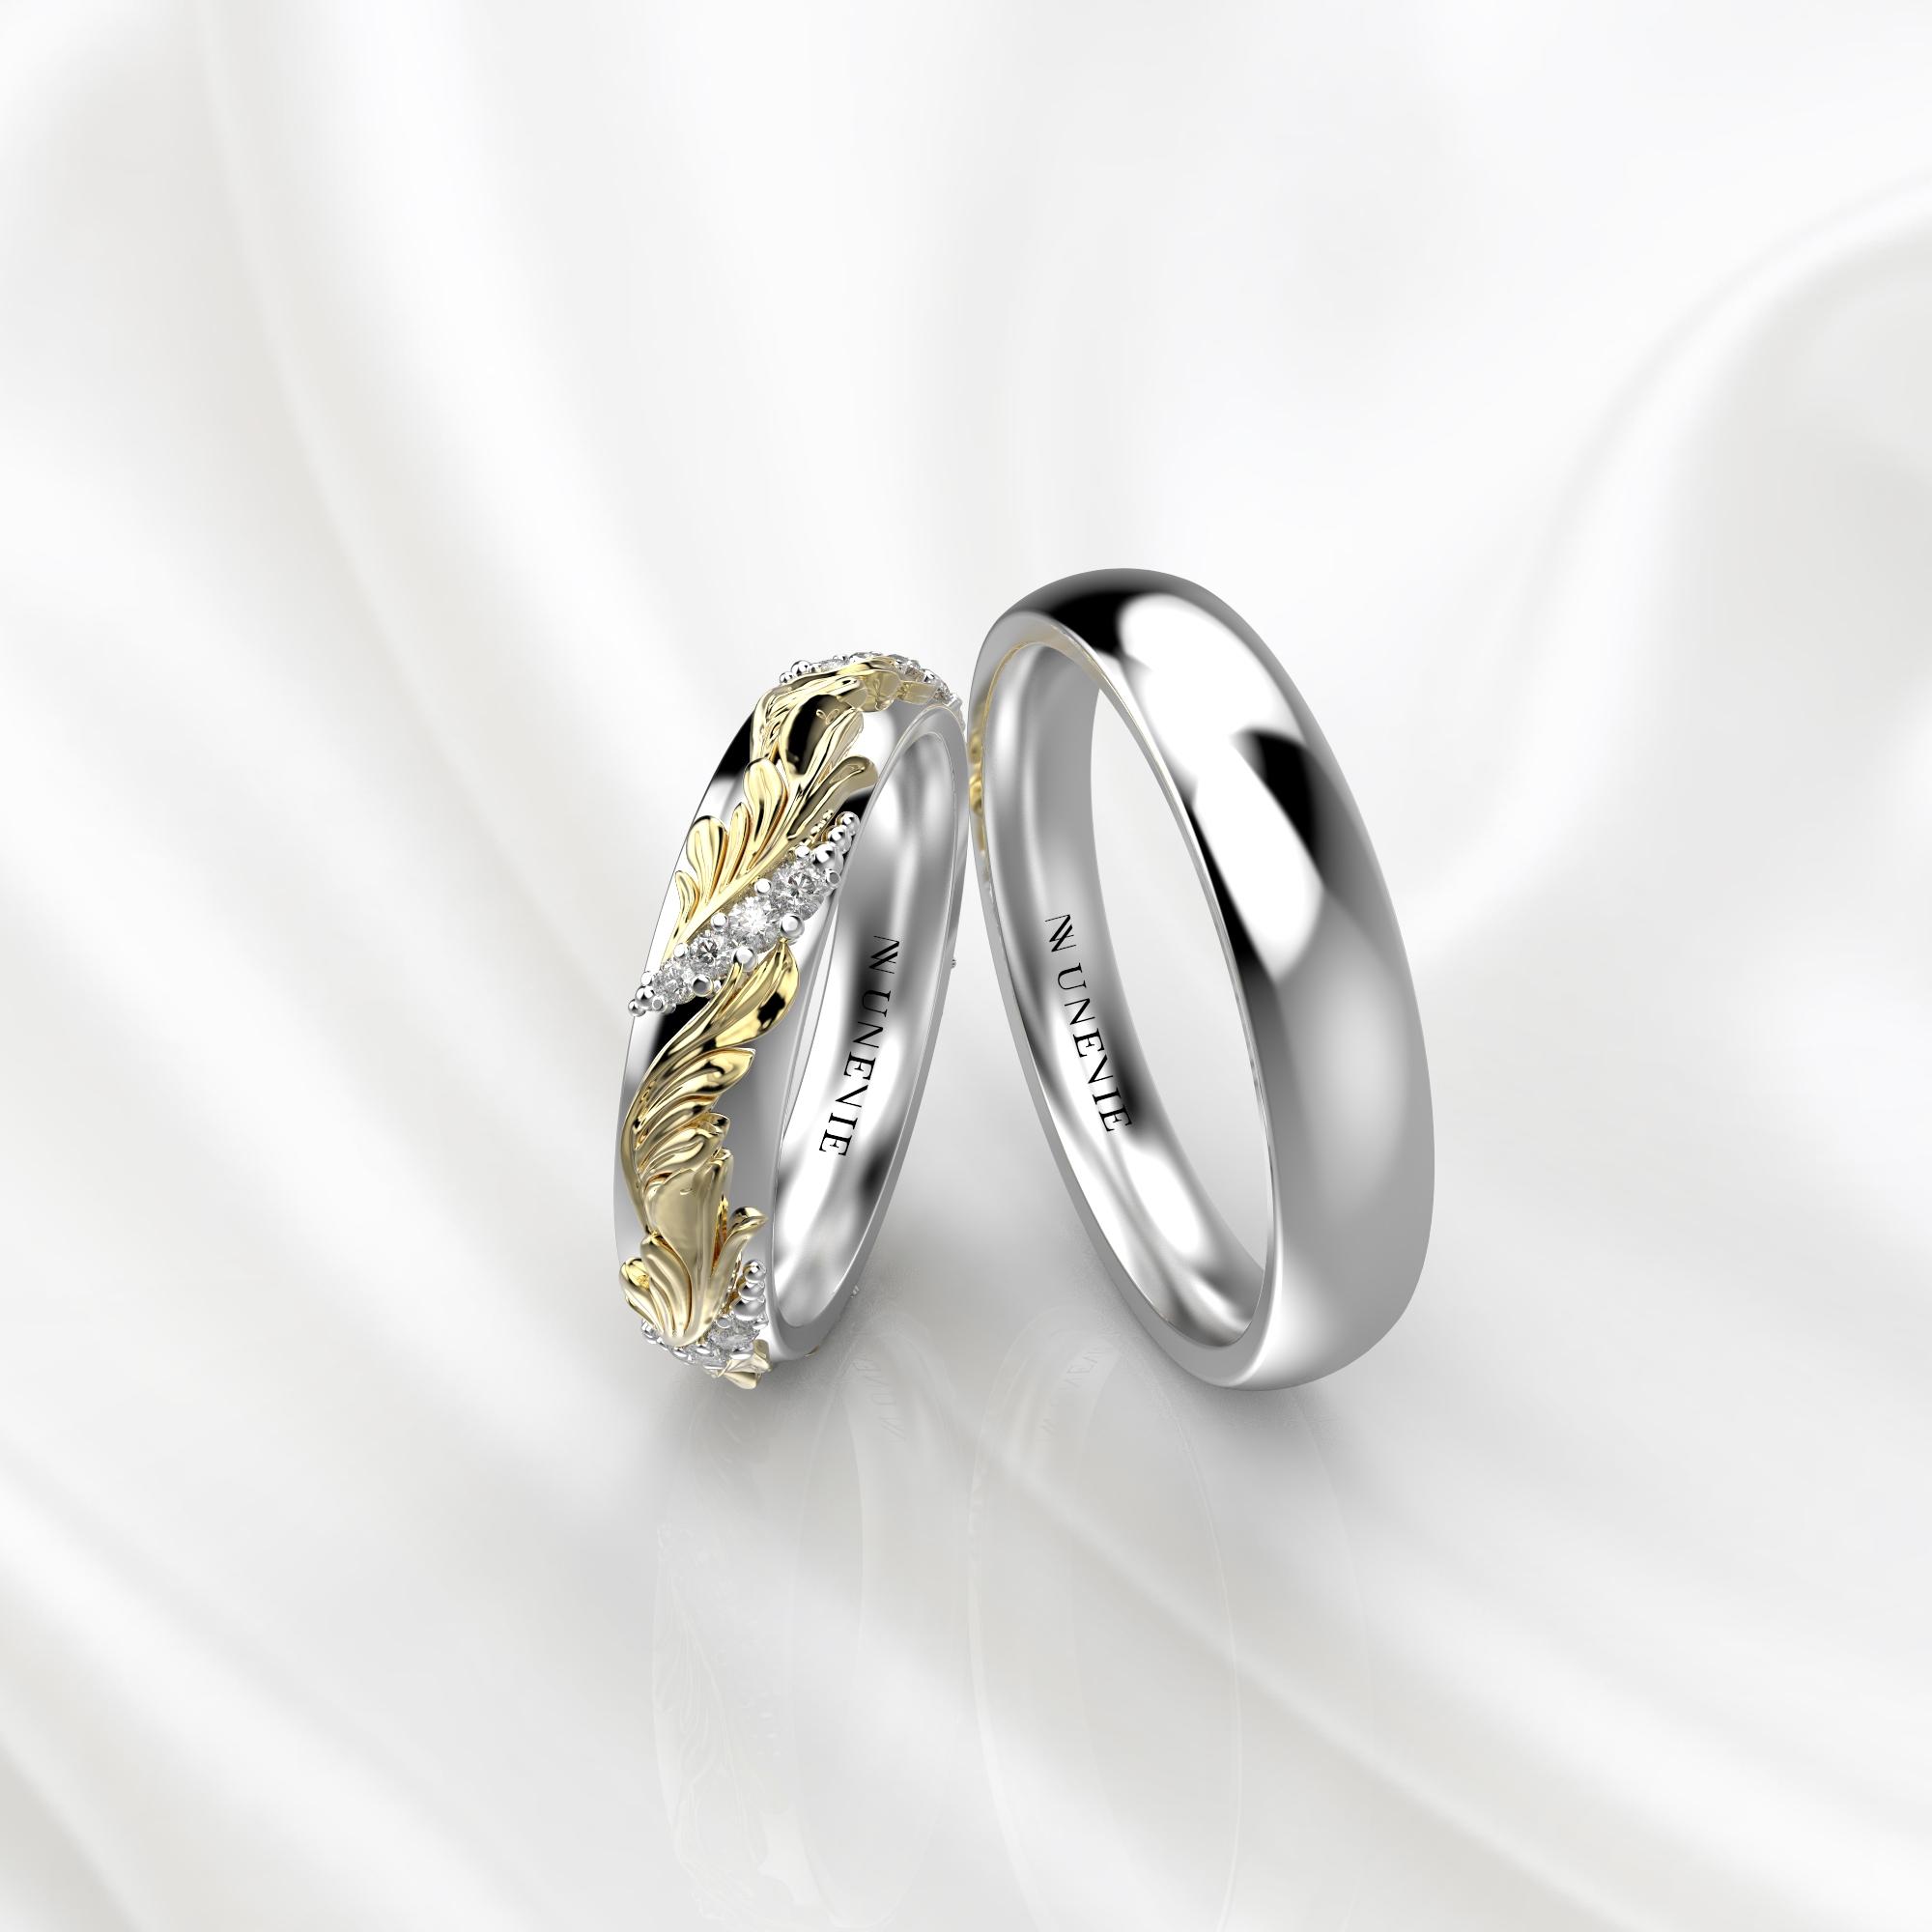 Ажурные обручальные кольца желто-белого золота